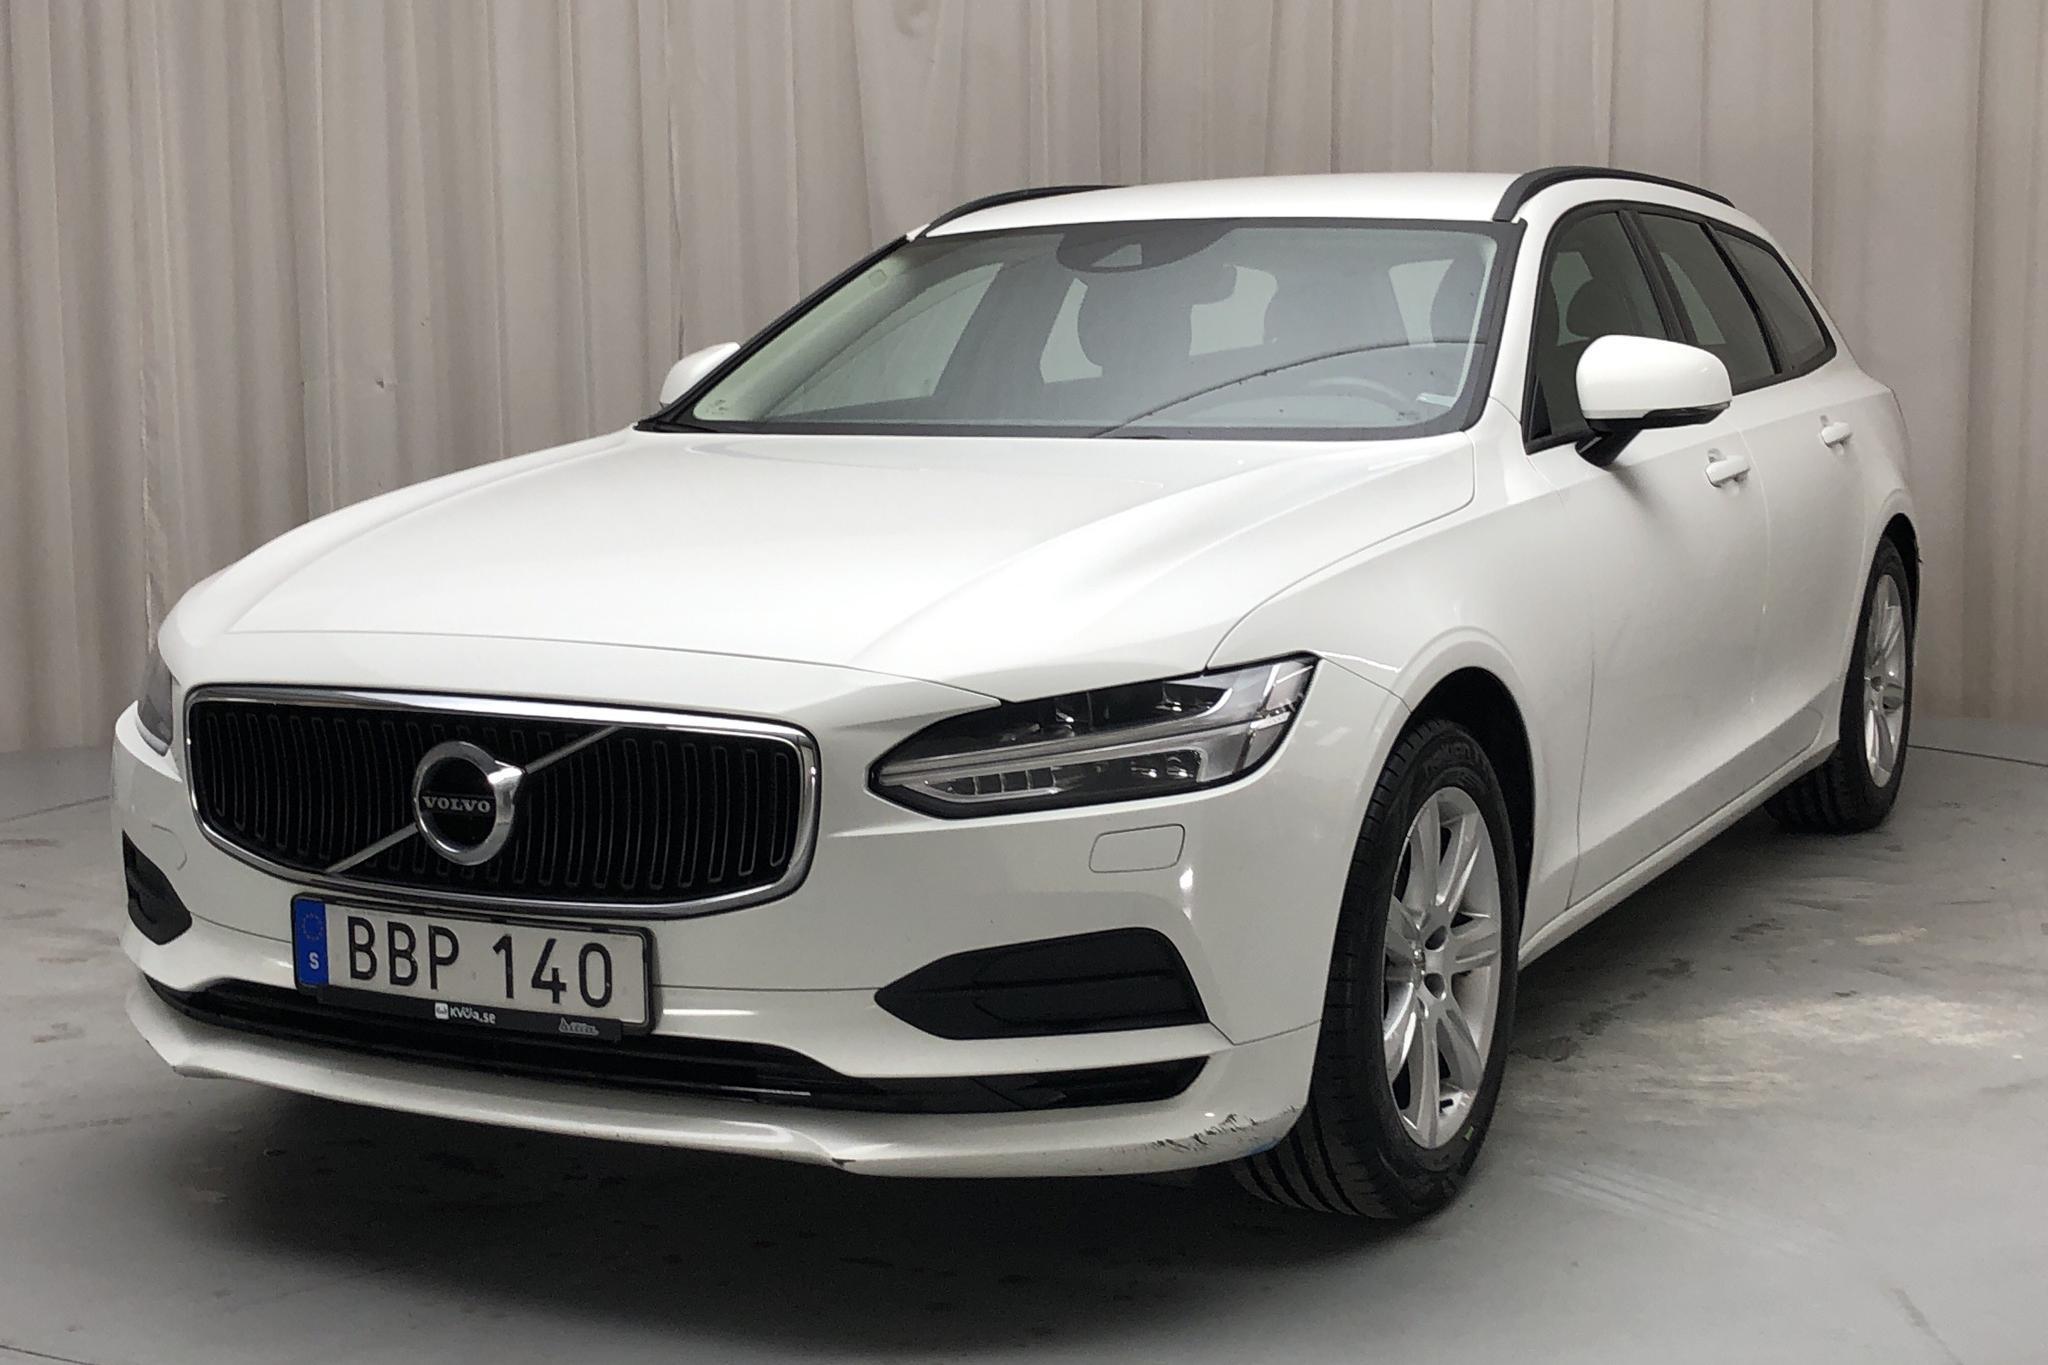 Volvo V90 D3 (150hk) - 132 490 km - Automatic - white - 2018